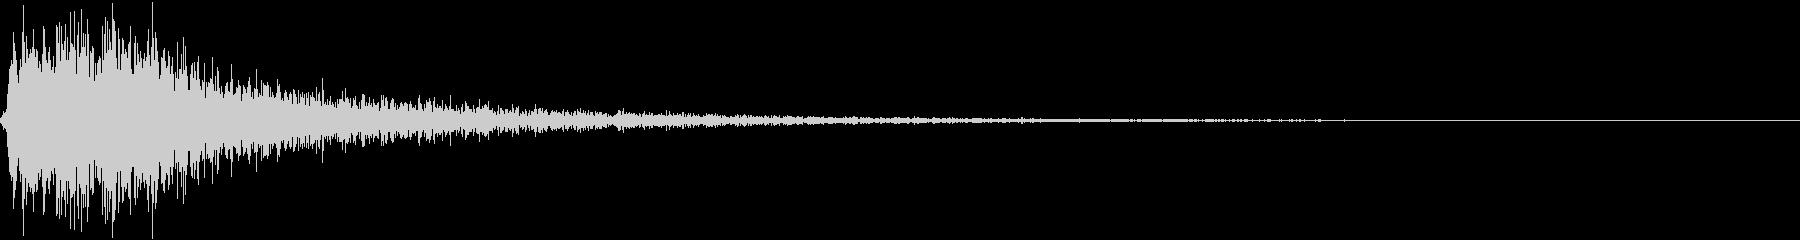 【ホラーゲーム】 チェロ FXの未再生の波形